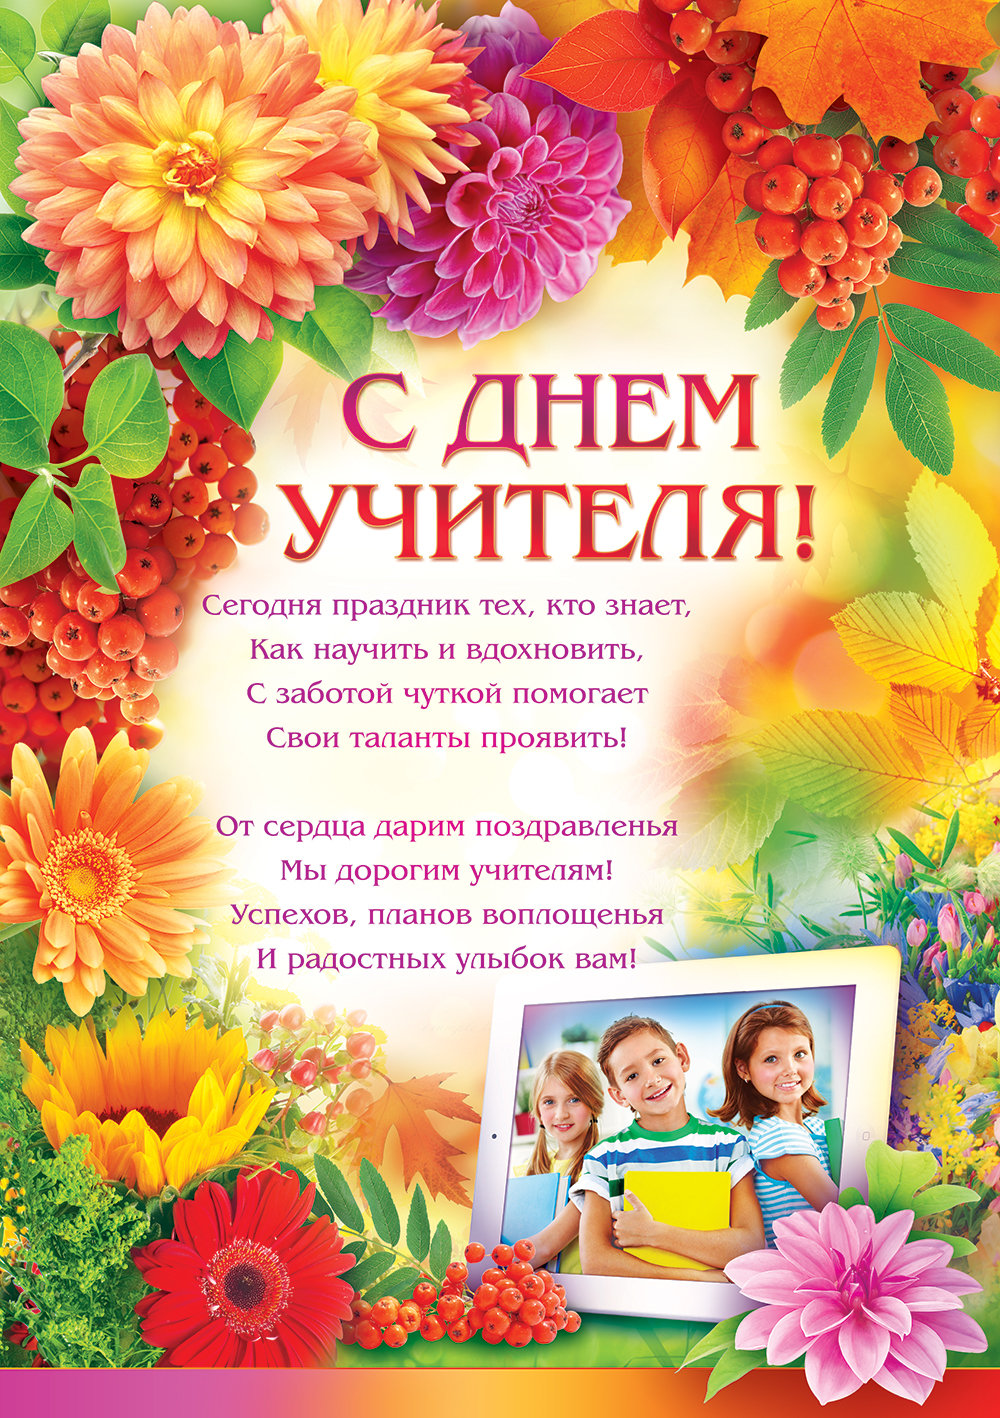 Фотографии открыток на день учителя, тряпка соберись